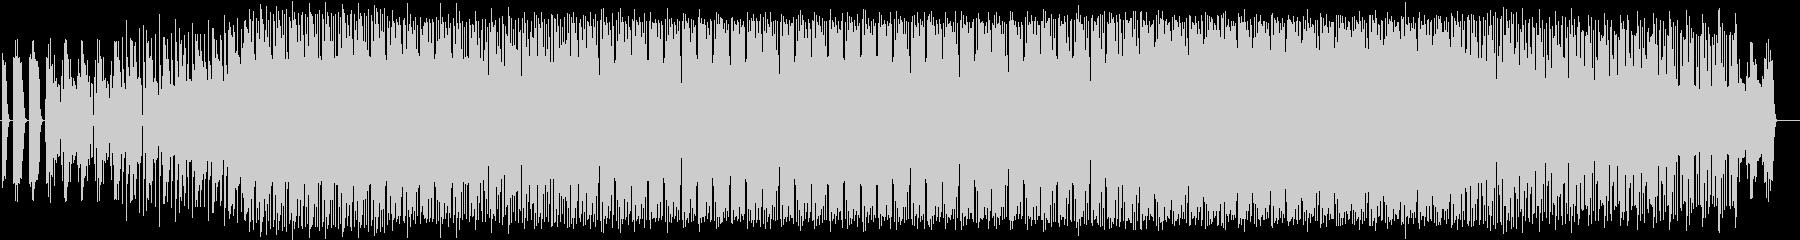 ふわふわしたエレクトロニカの未再生の波形